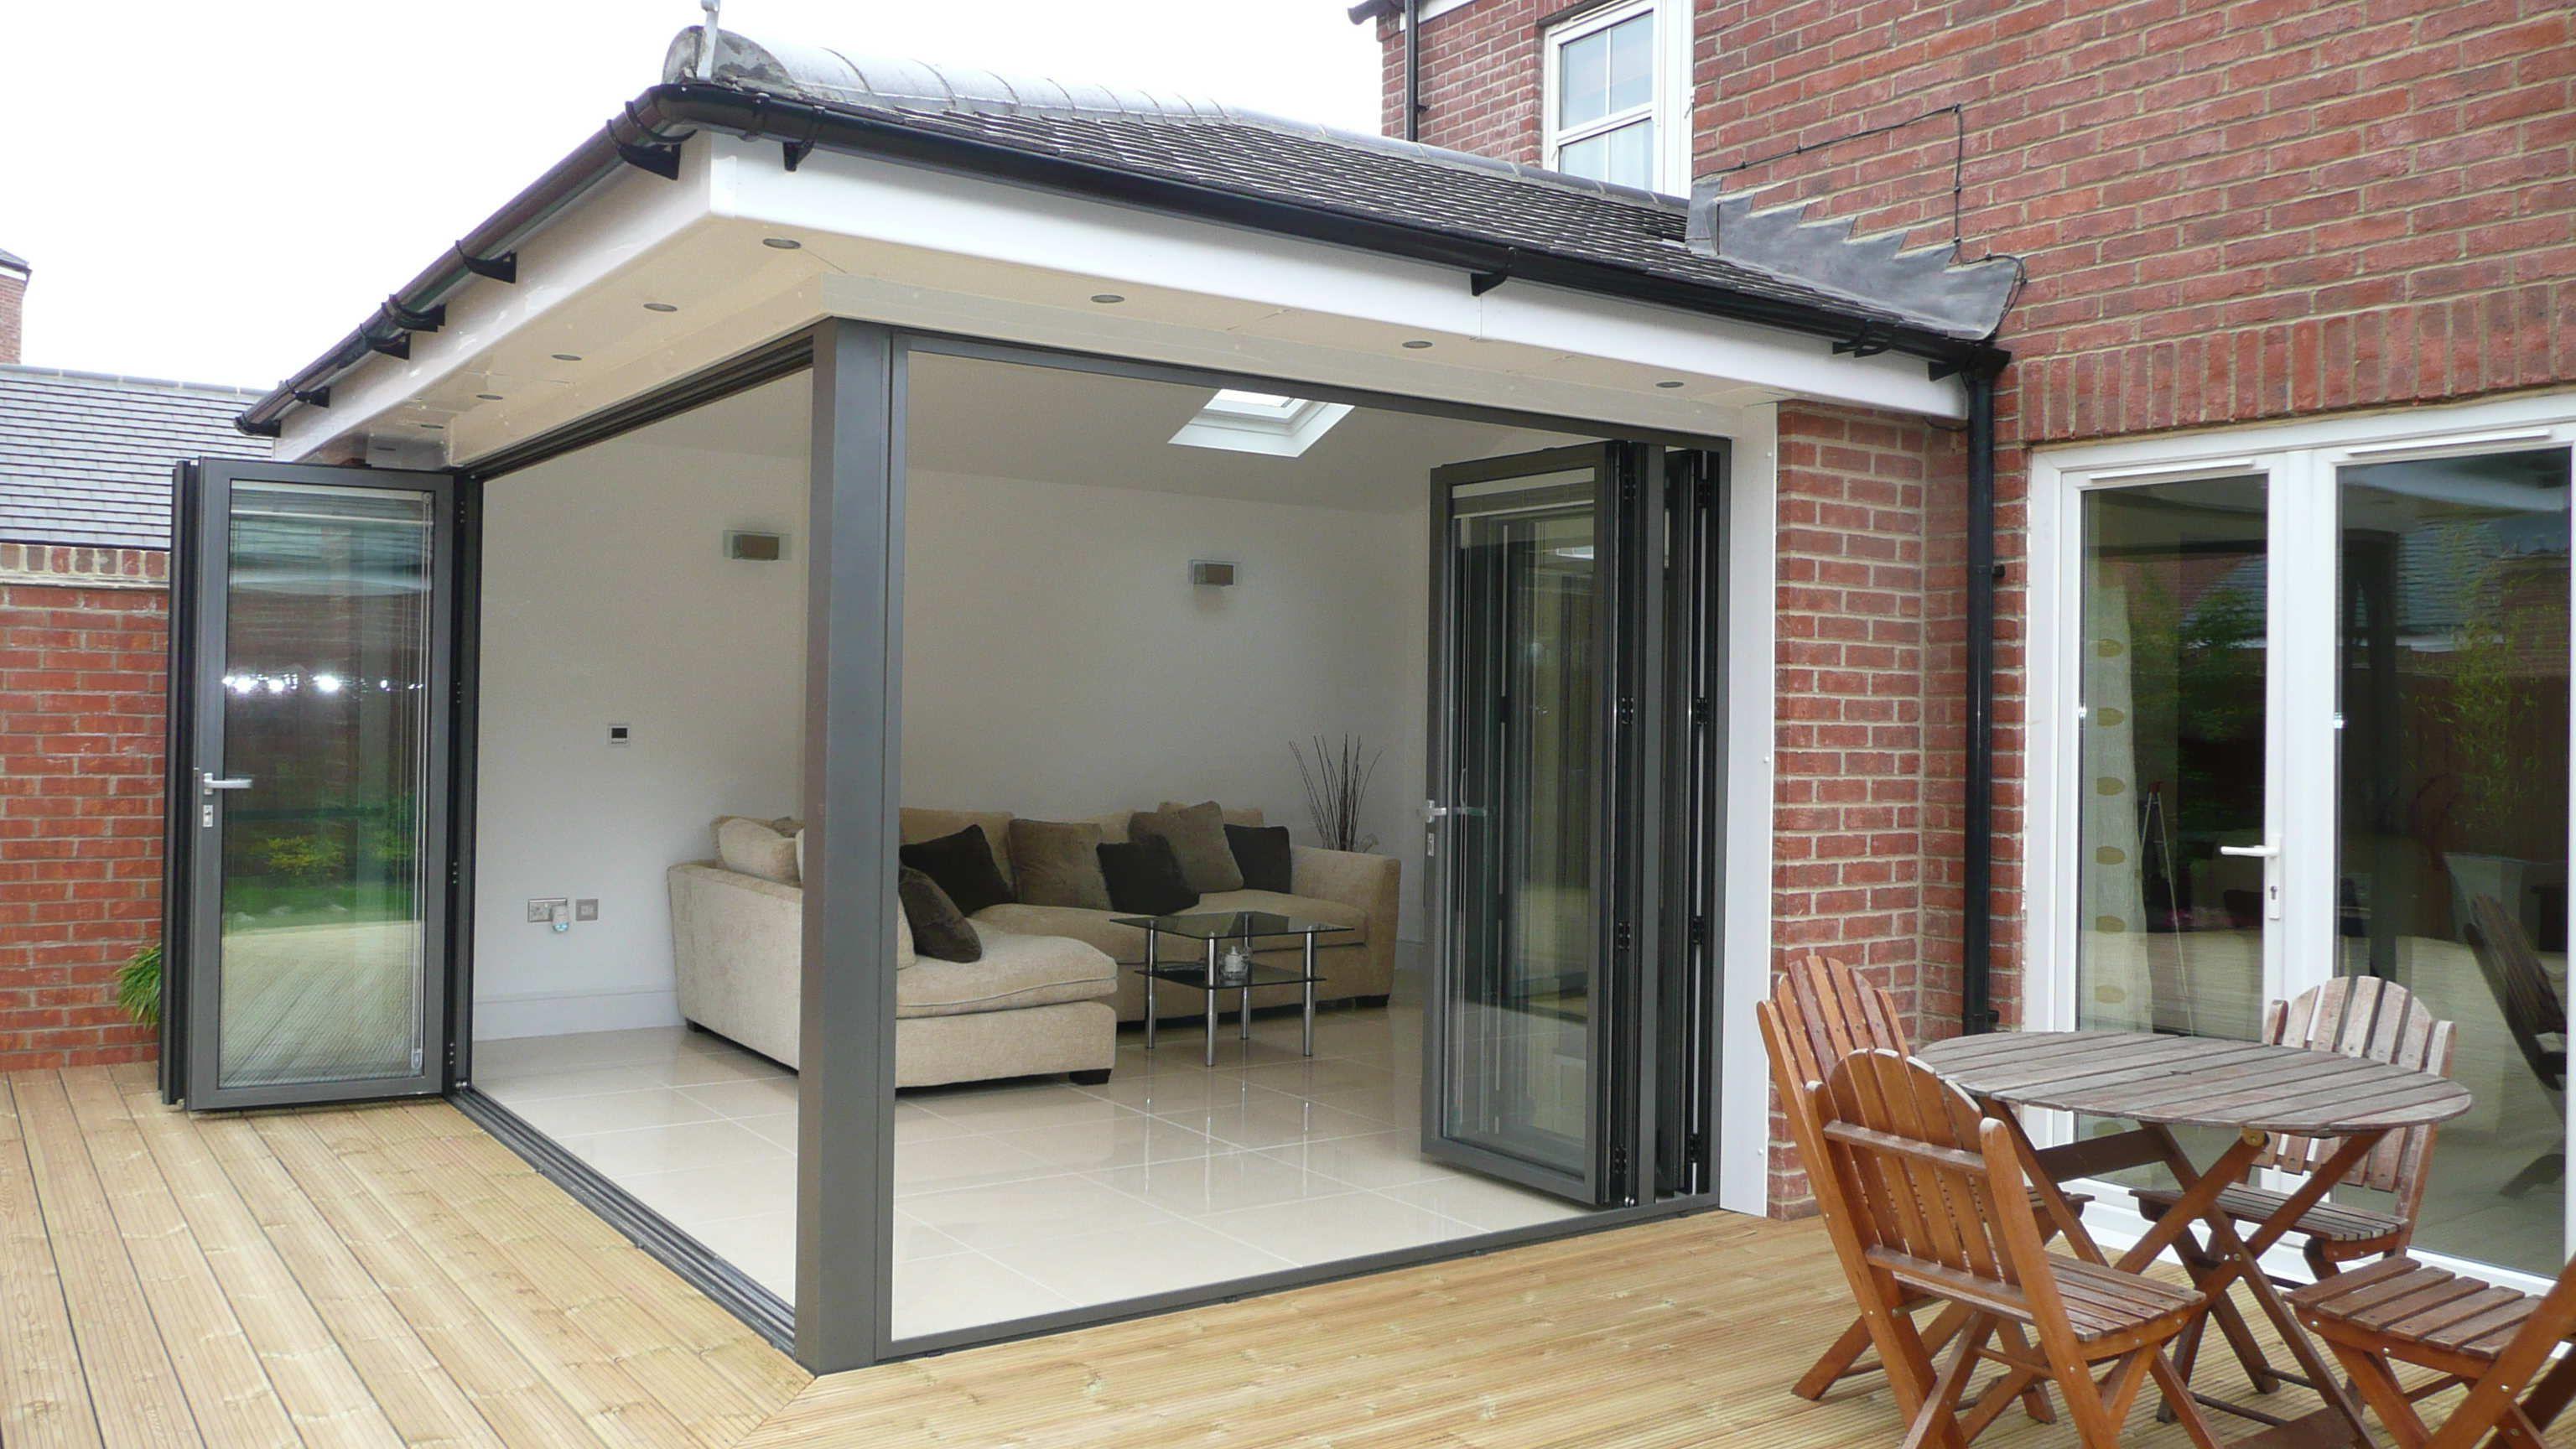 garden extension - Google Search  Garden room extensions, House